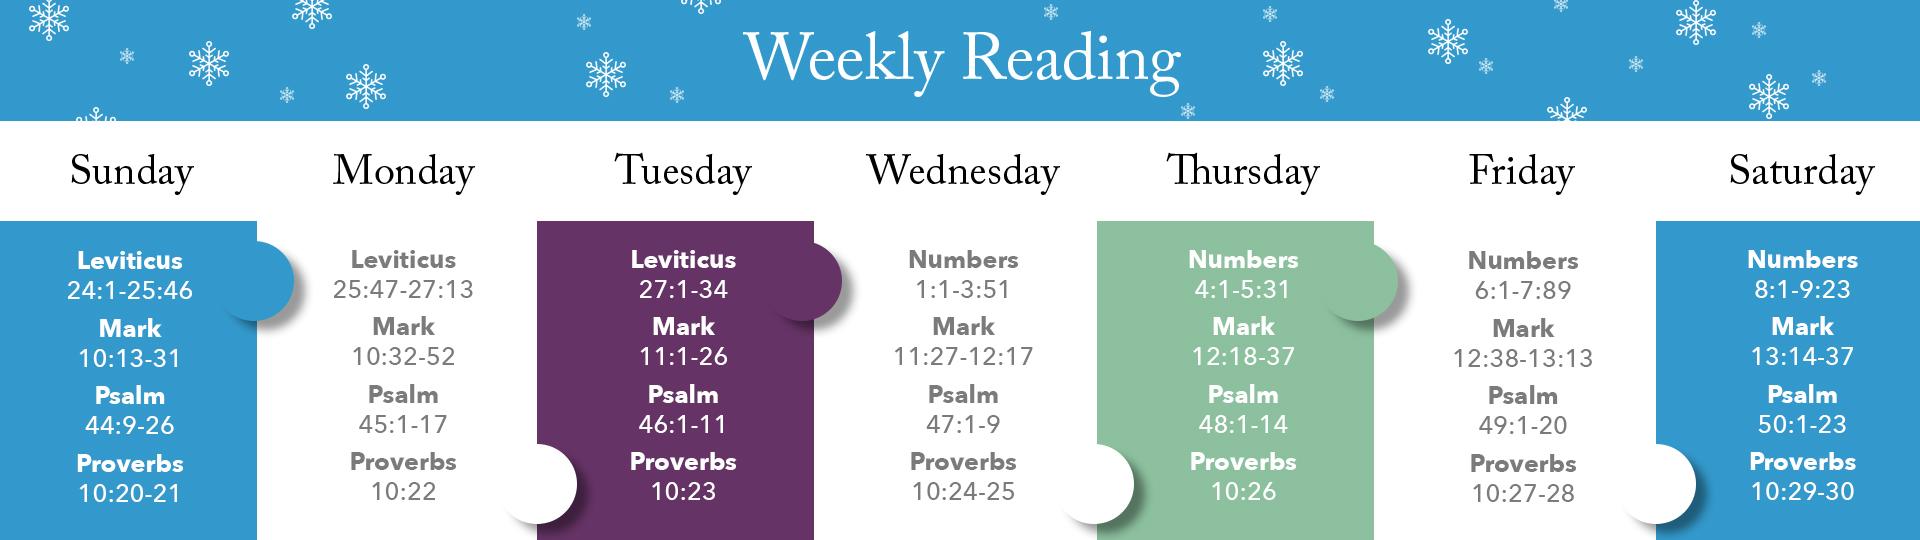 Weekly-Reading-Winter-Look-0301